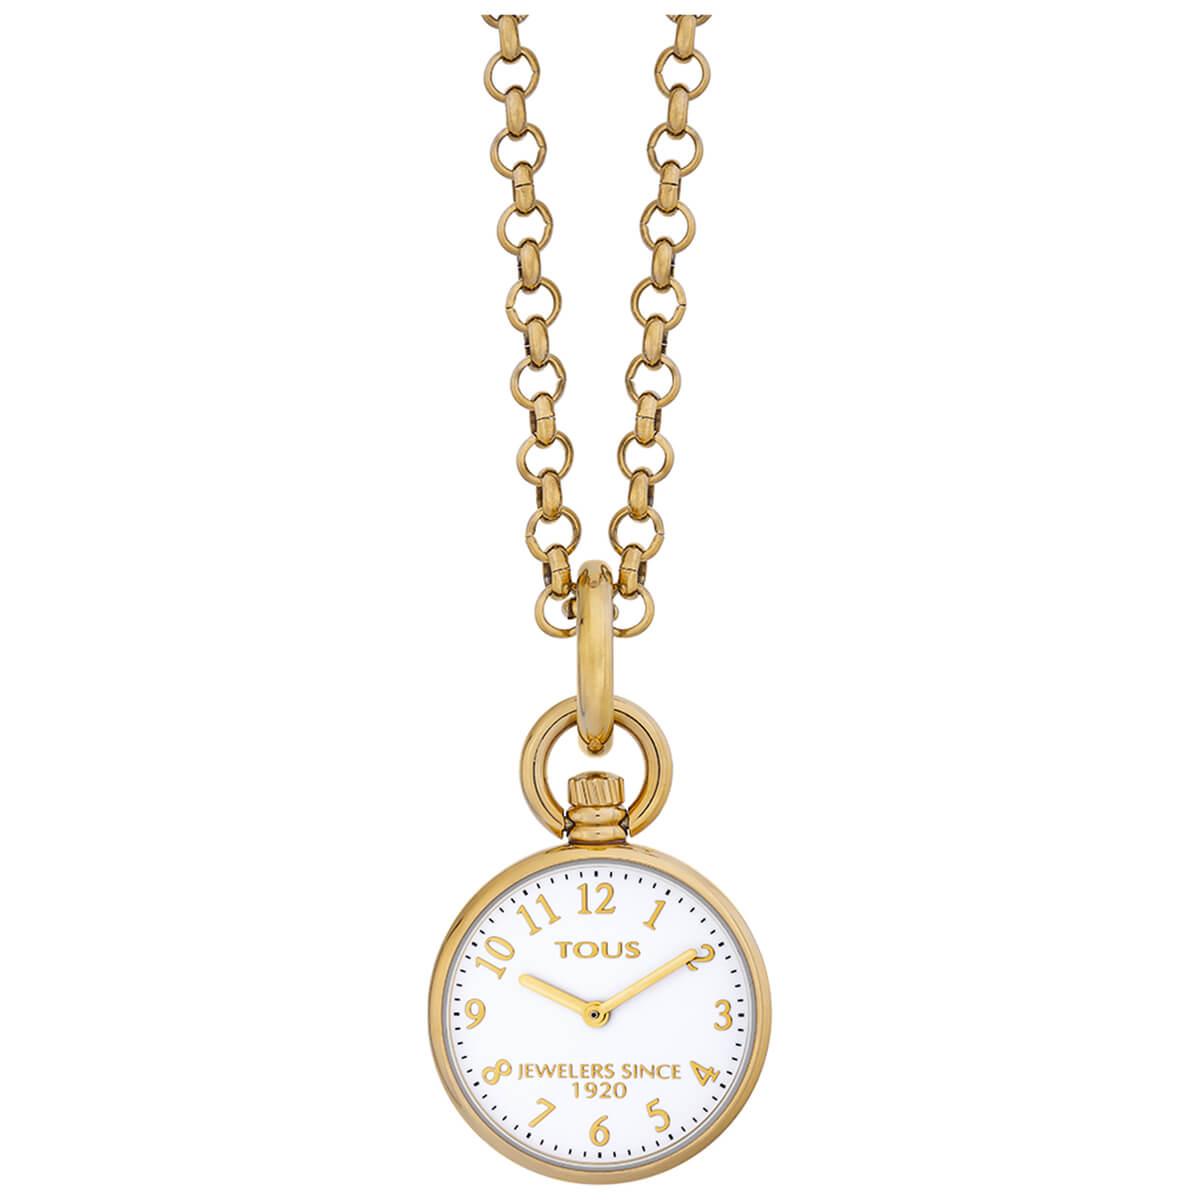 Collar Tous reloj 000351585 con cadena mallorquina. Al final de la cadena lleva una extension que puedes convertir en pulsera con el reloj. Fondo de la esfera color blanco con los indices y las agujas en color dorado. Diametro de la caja 30 mm. Magnífico reloj que puedes combinar tanto como collar como pulsera. TOUS LOVERS.